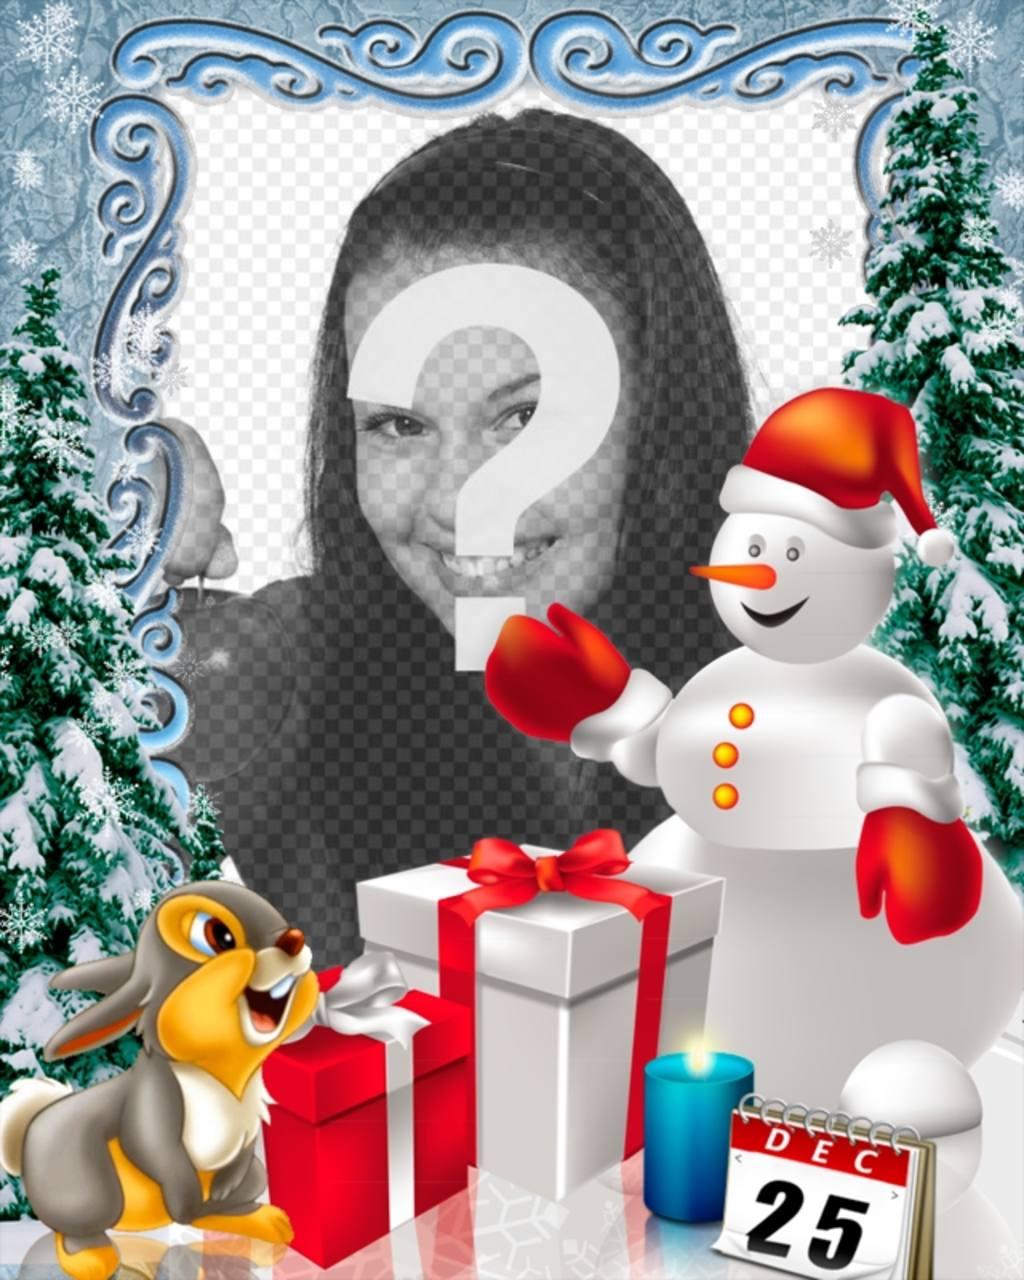 Immagini Natale Da Personalizzare.Fotomontaggio Giorno Di Natale Da Personalizzare Con Le Foto